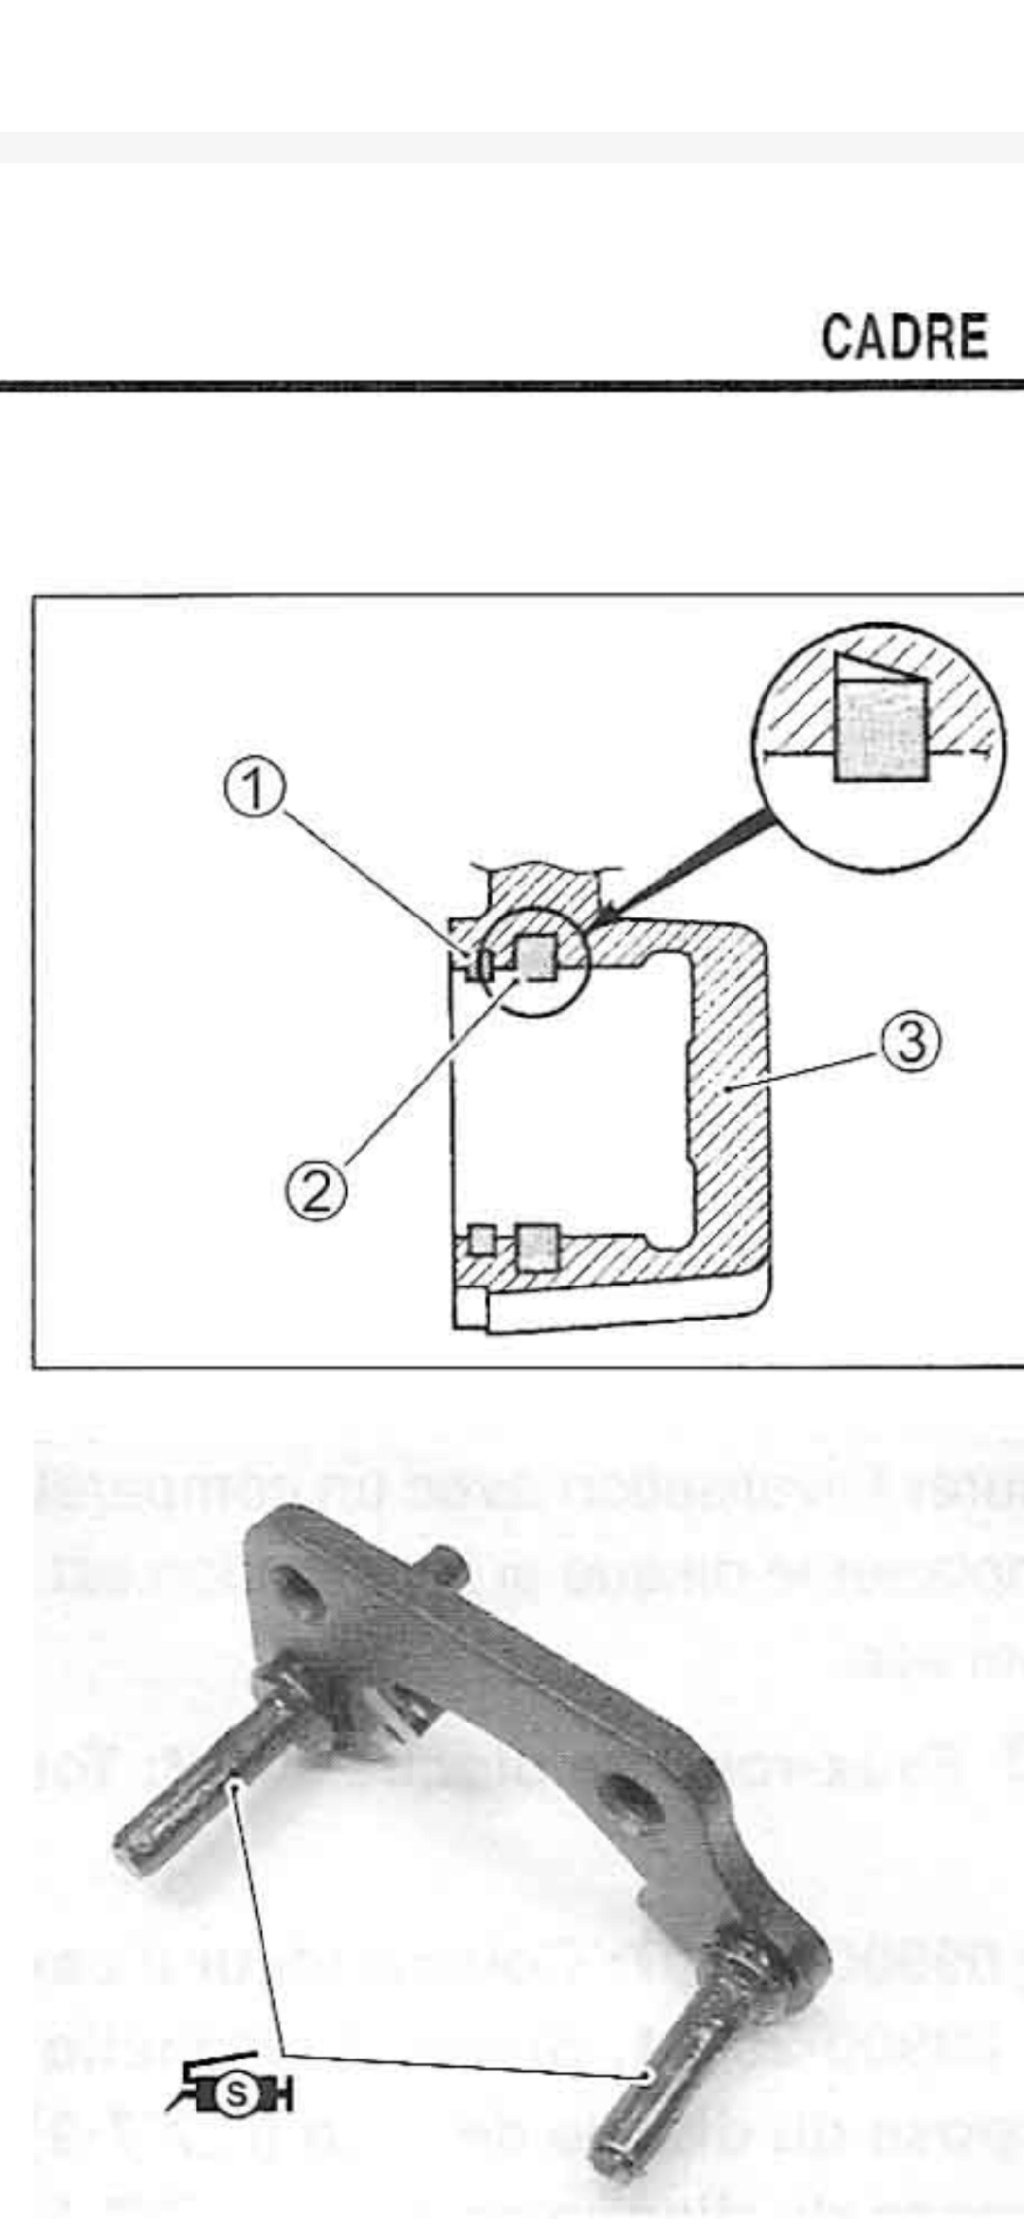 Comment fonctionne votre moto ? - Page 2 Screen17